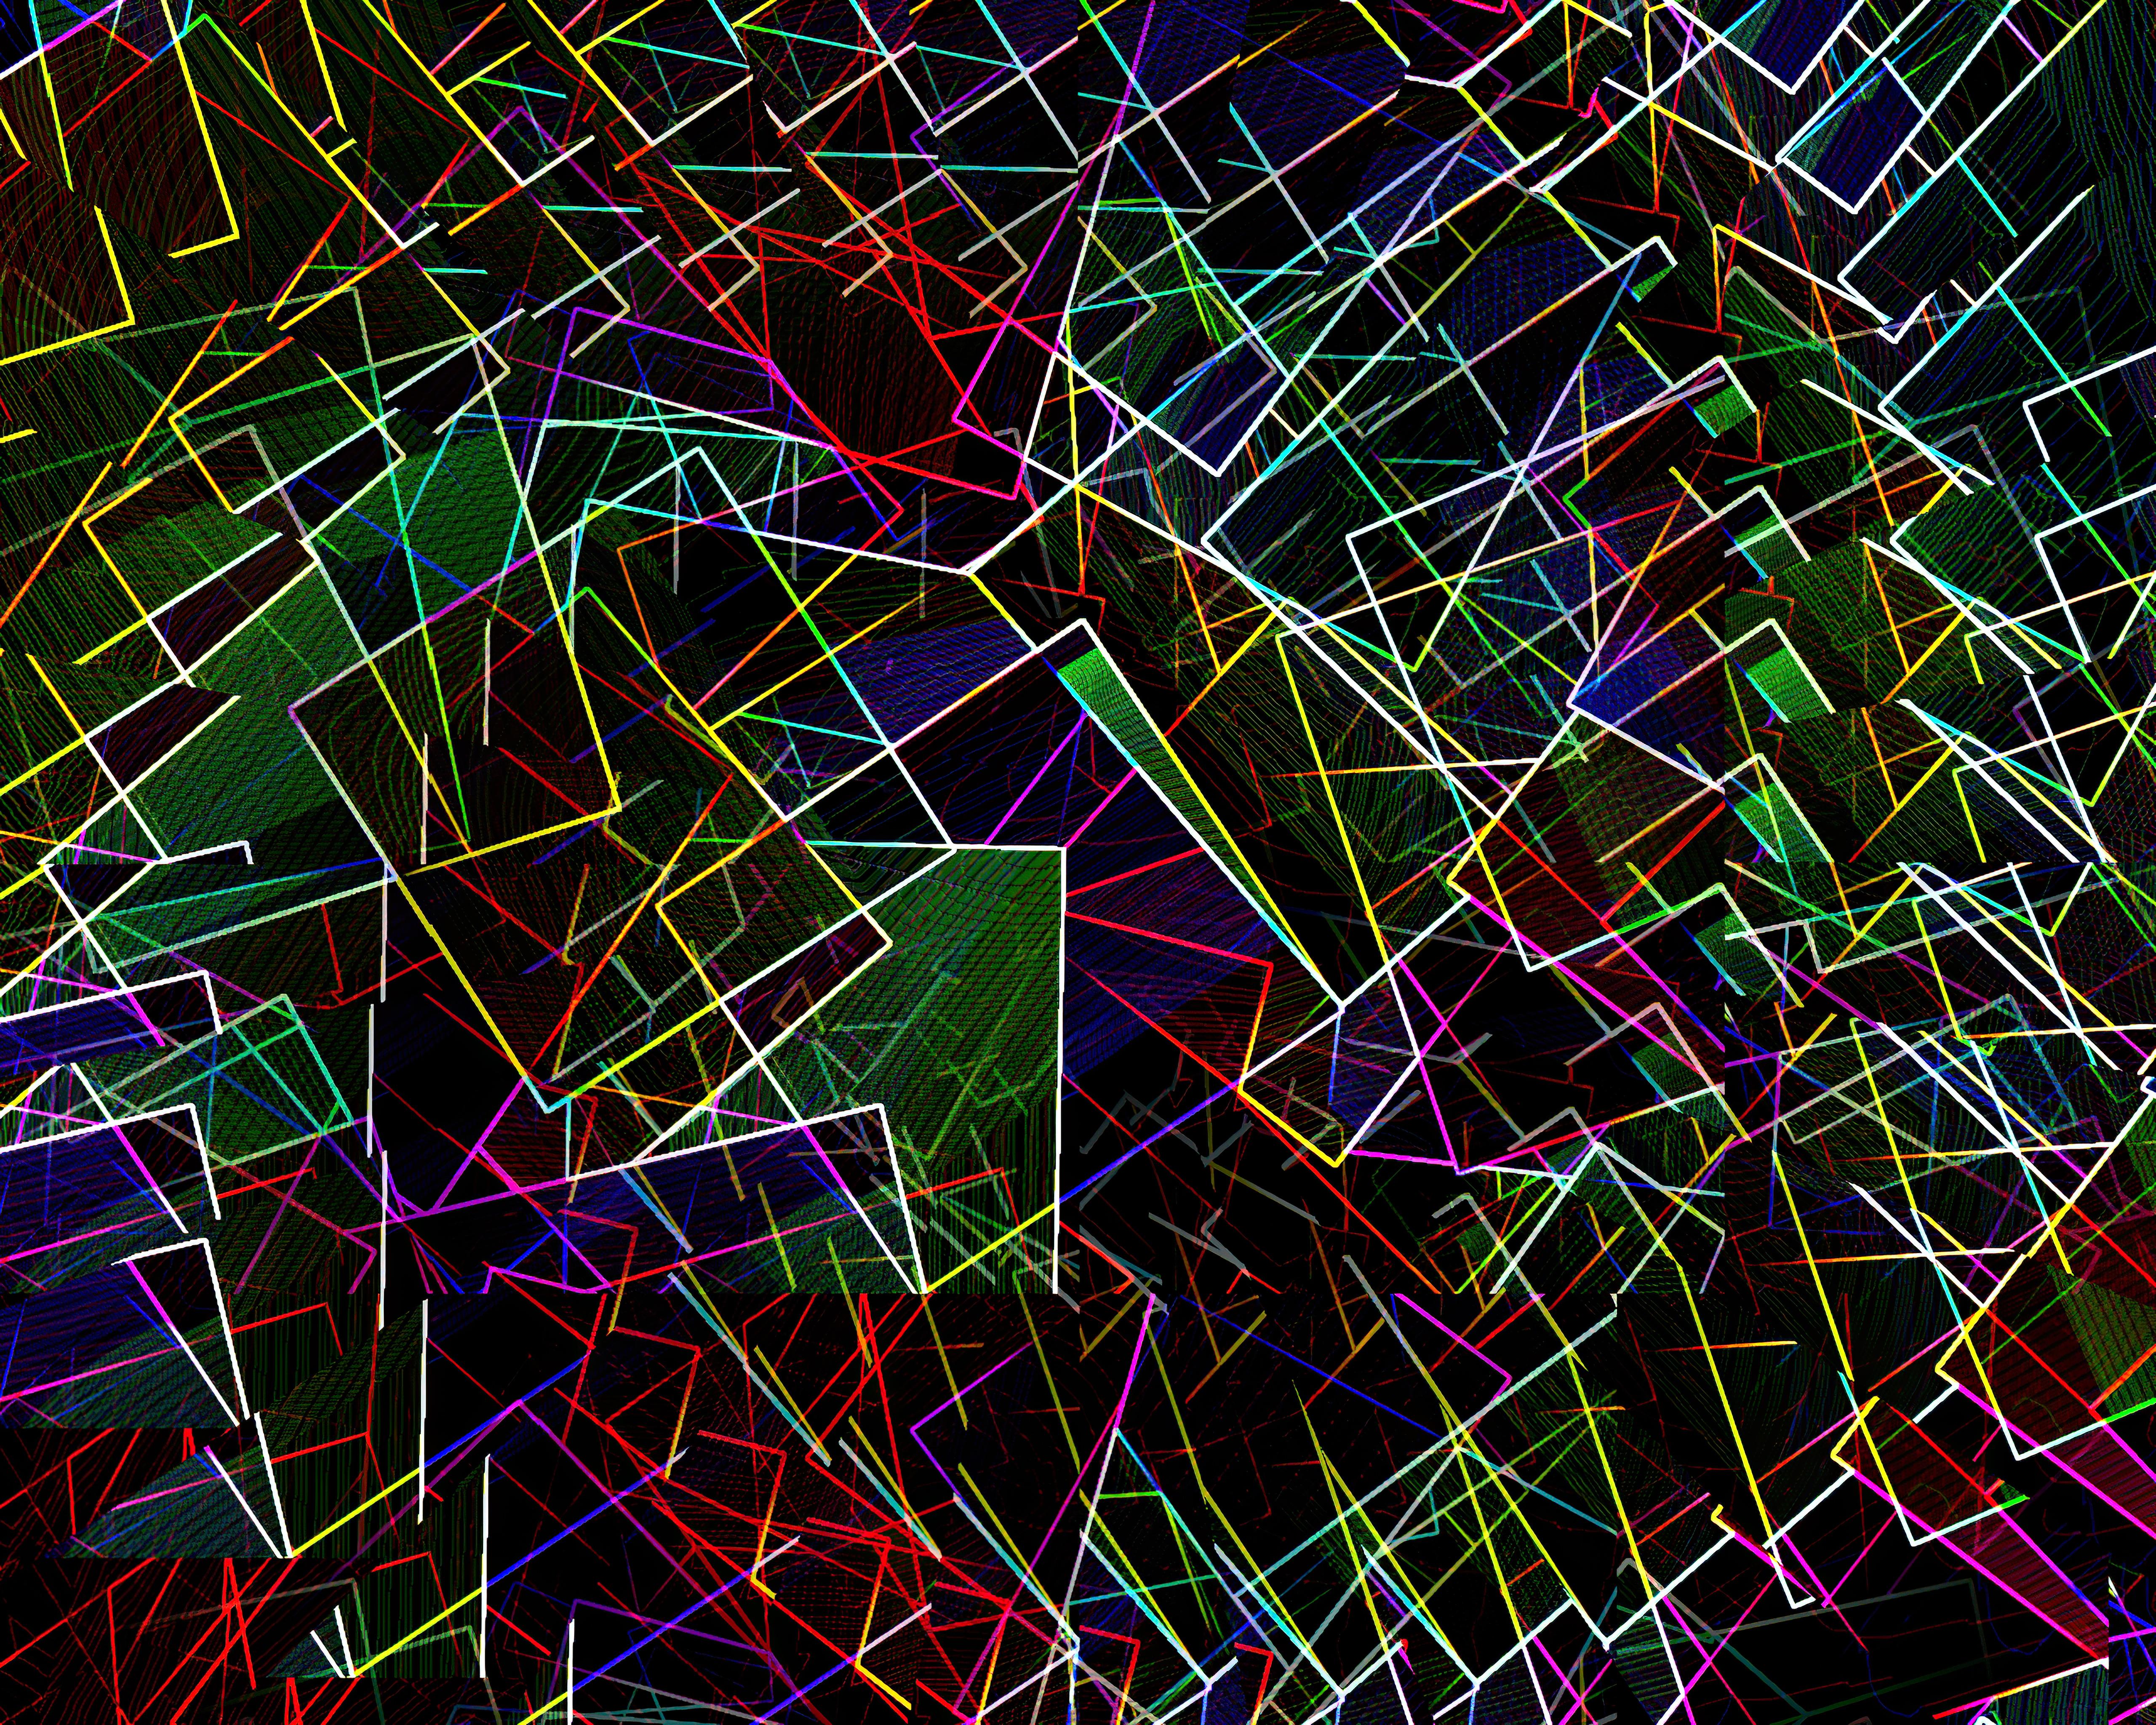 composizione abstract 4k 1634162647 - Composizione Abstract 4k - Composizione Abstract wallpapers, Composizione Abstract 4k wallpapers